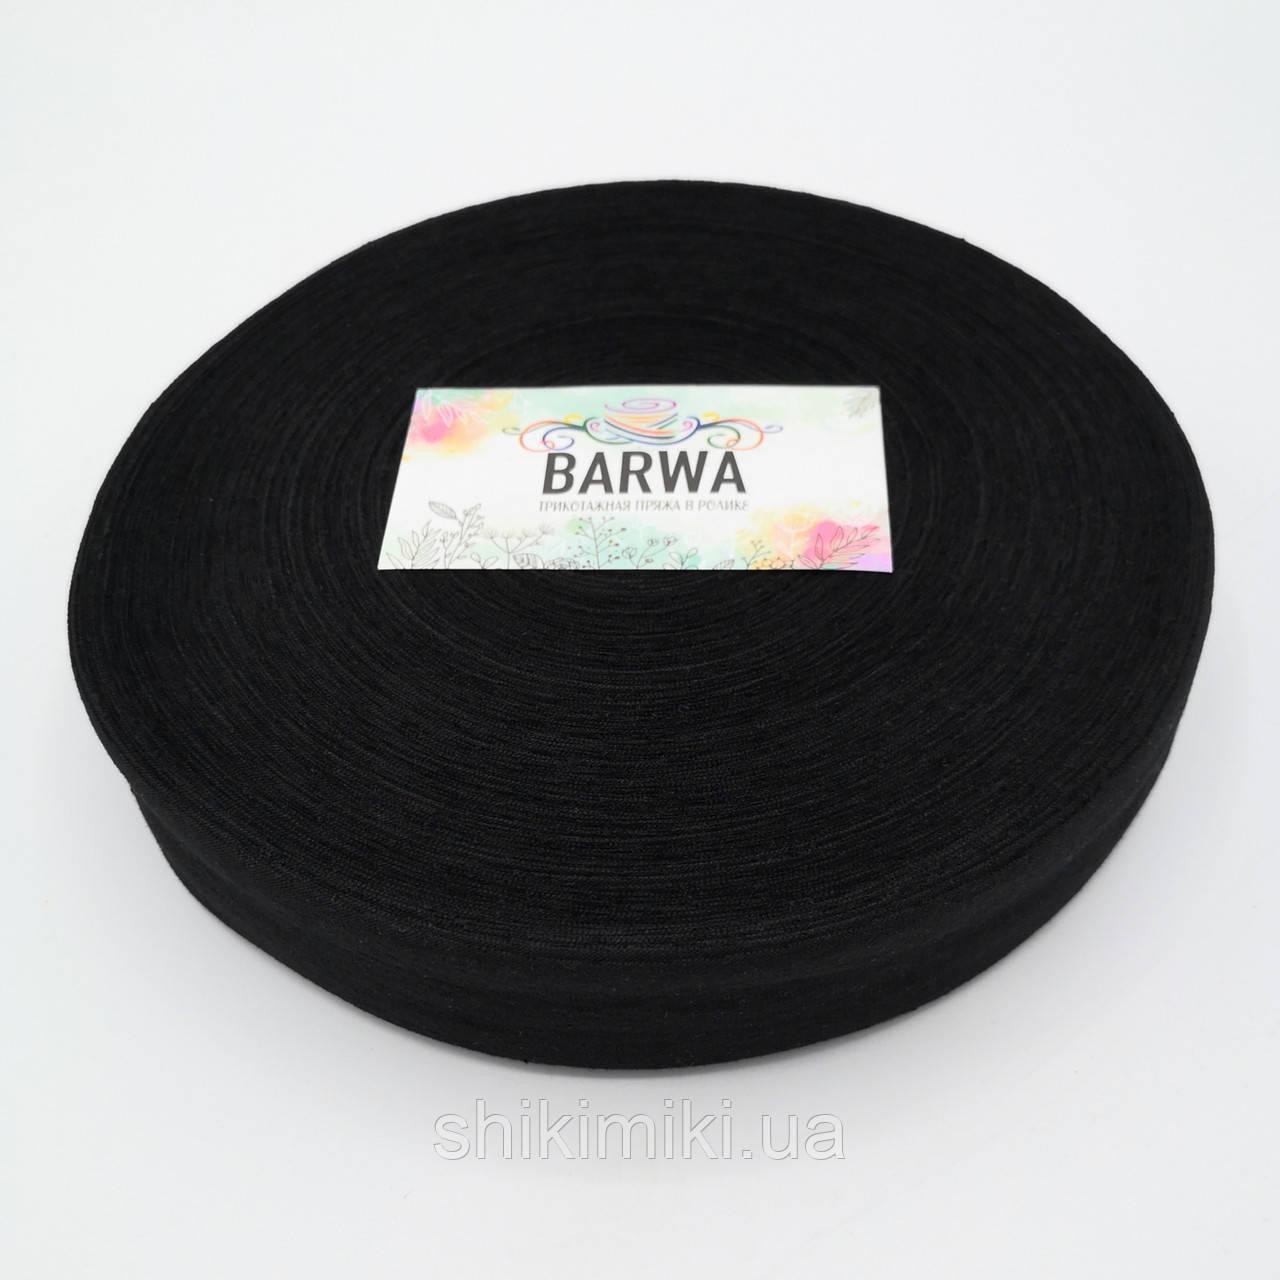 Трикотажная пряжа Barwa в роликах, цвет Черный